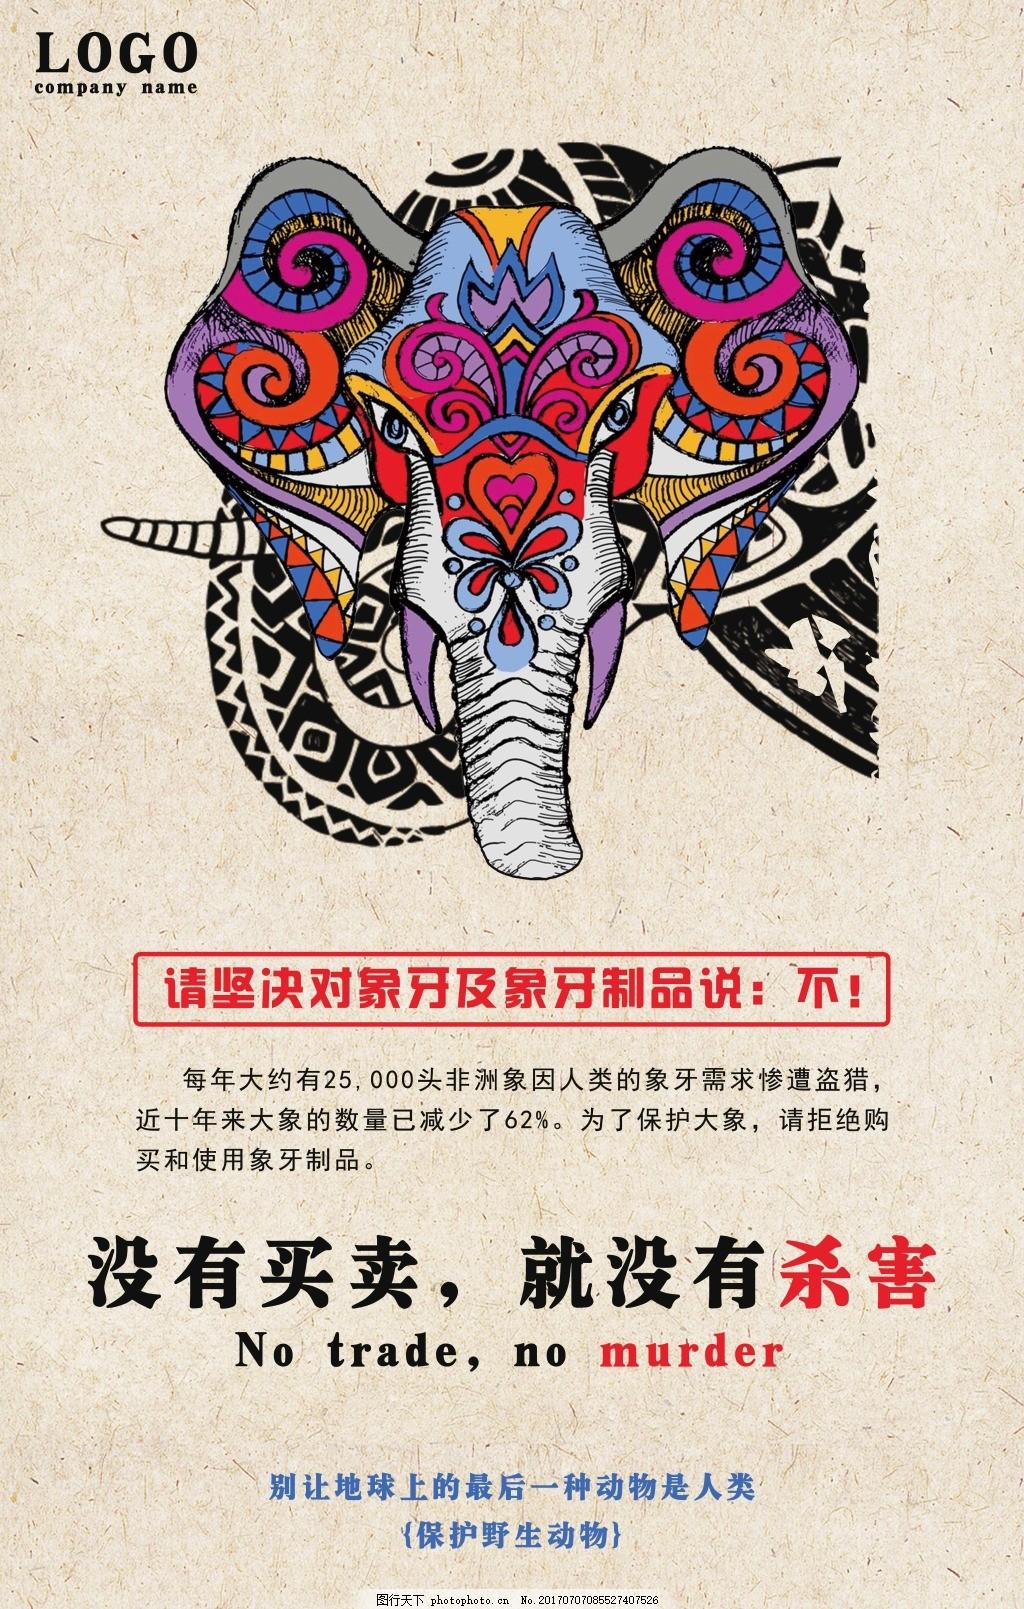 海报 公益海报 公益 宣传单 单页 桥厢广告 地铁口广告 拒绝使用动物